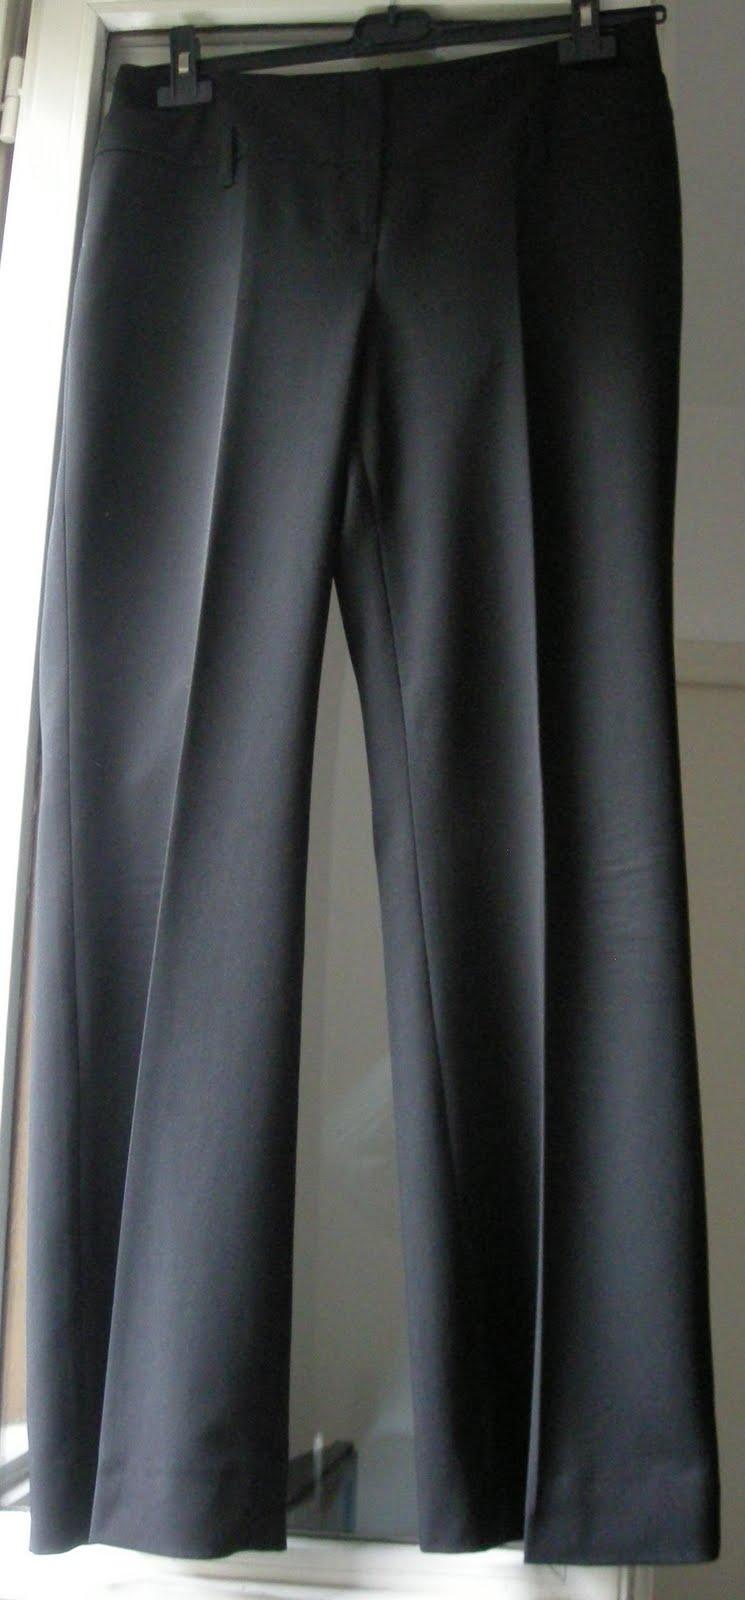 vetement discount vide dressing Flora : TARA JARMON – Pantalon noir coupe droite – T42